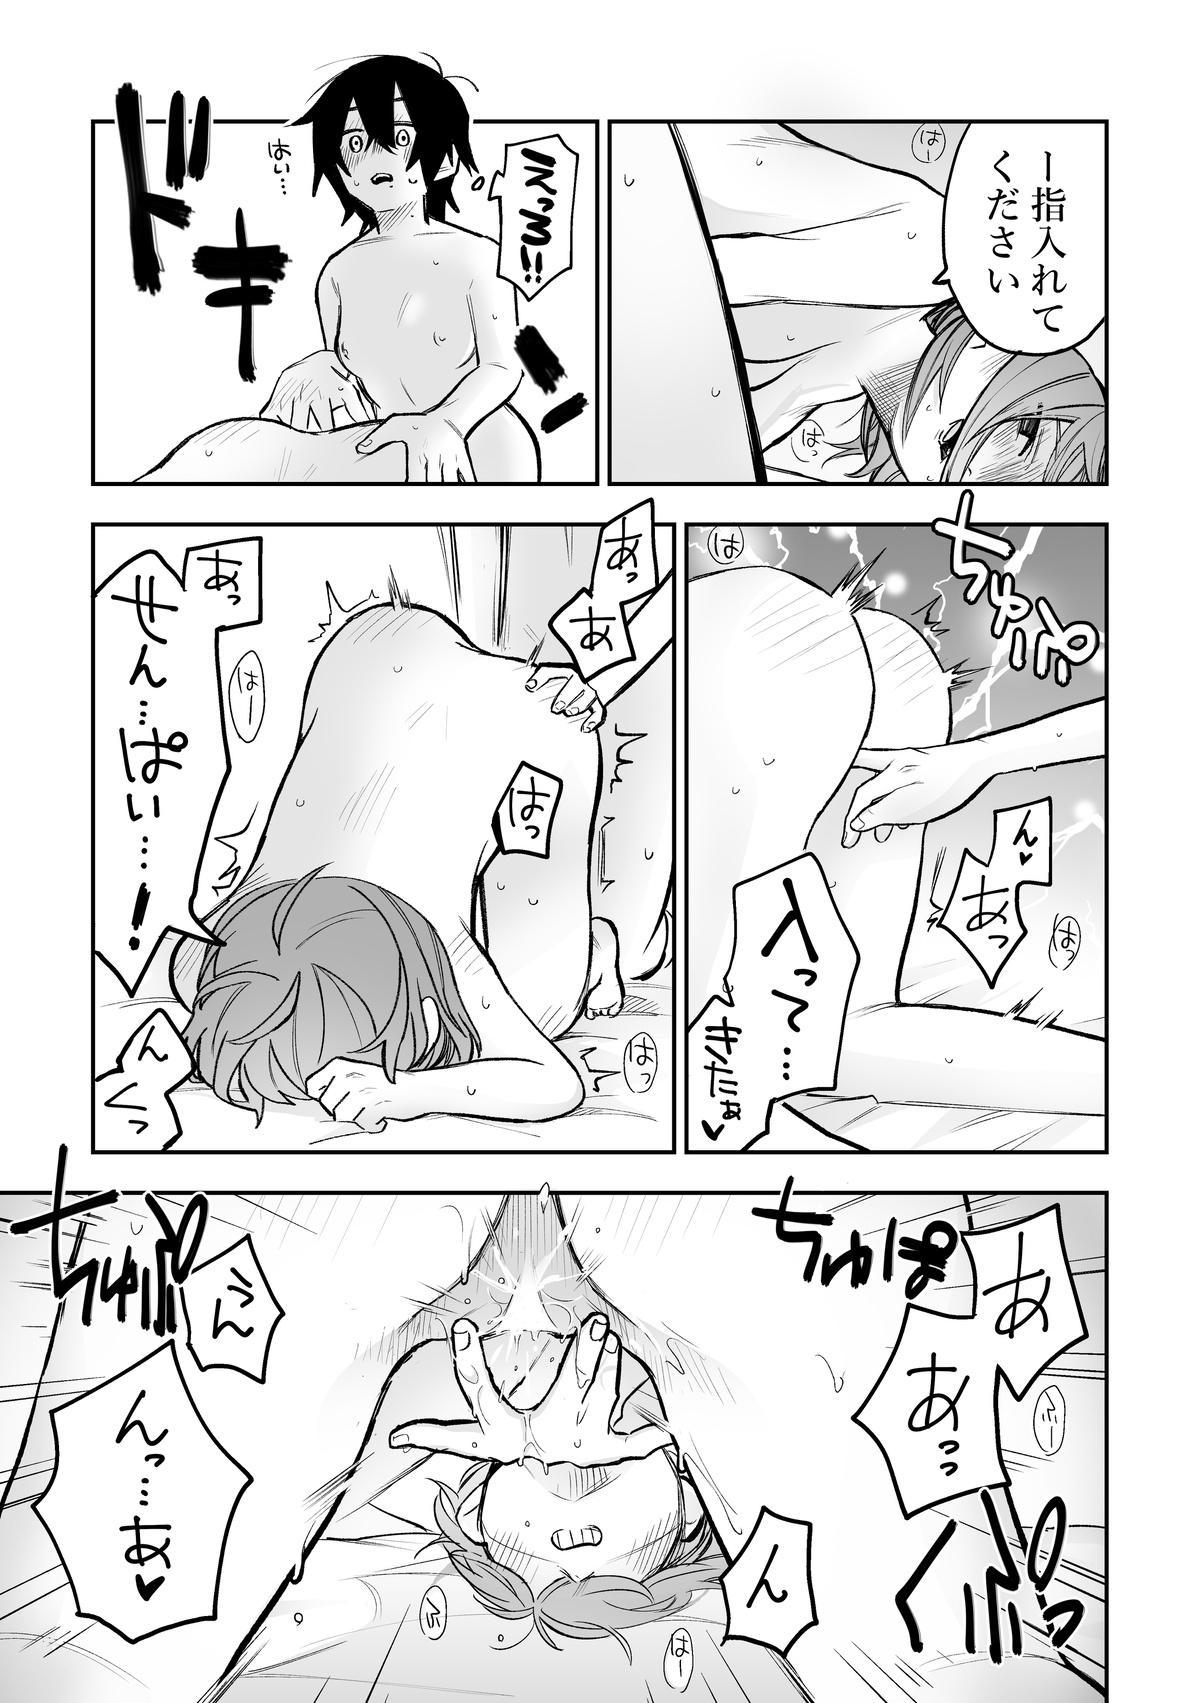 Honshin wa Makuramoto ni Kakushite. 15